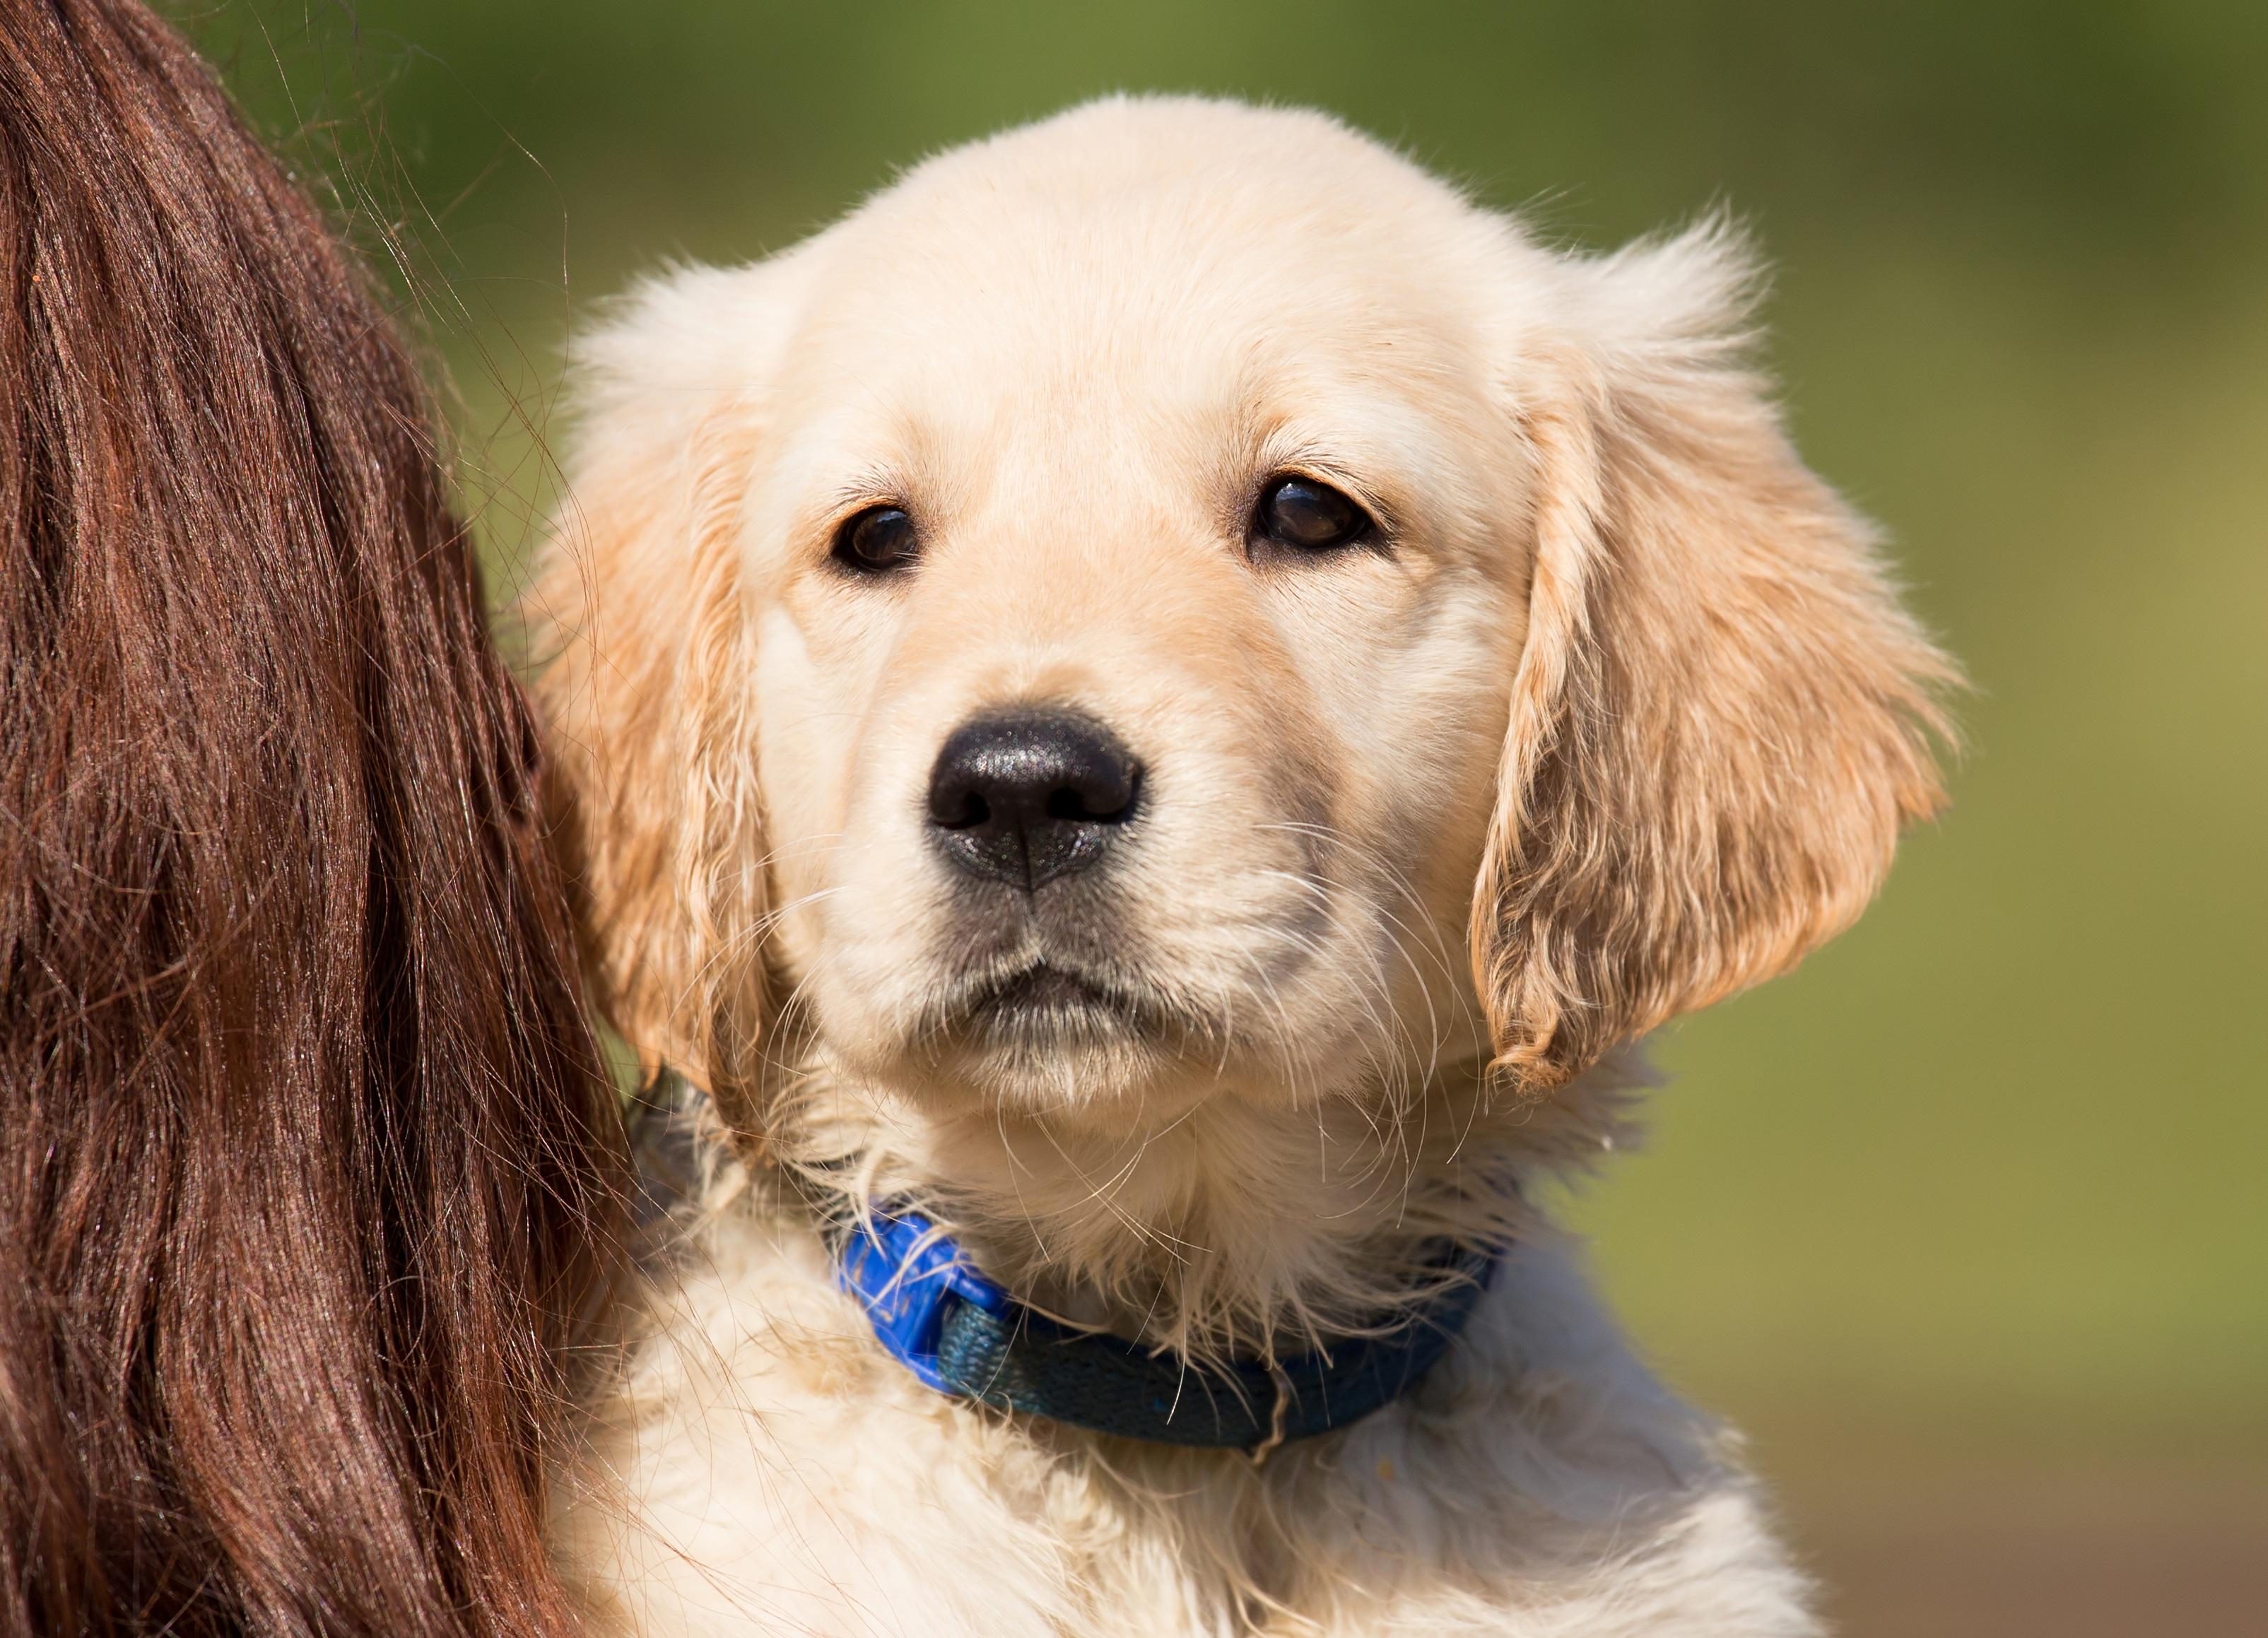 纯种金毛_图片素材 : 小狗, 宠物, 年轻, 鼻子, 金毛猎犬, 脊椎动物, 出来, 狗 ...